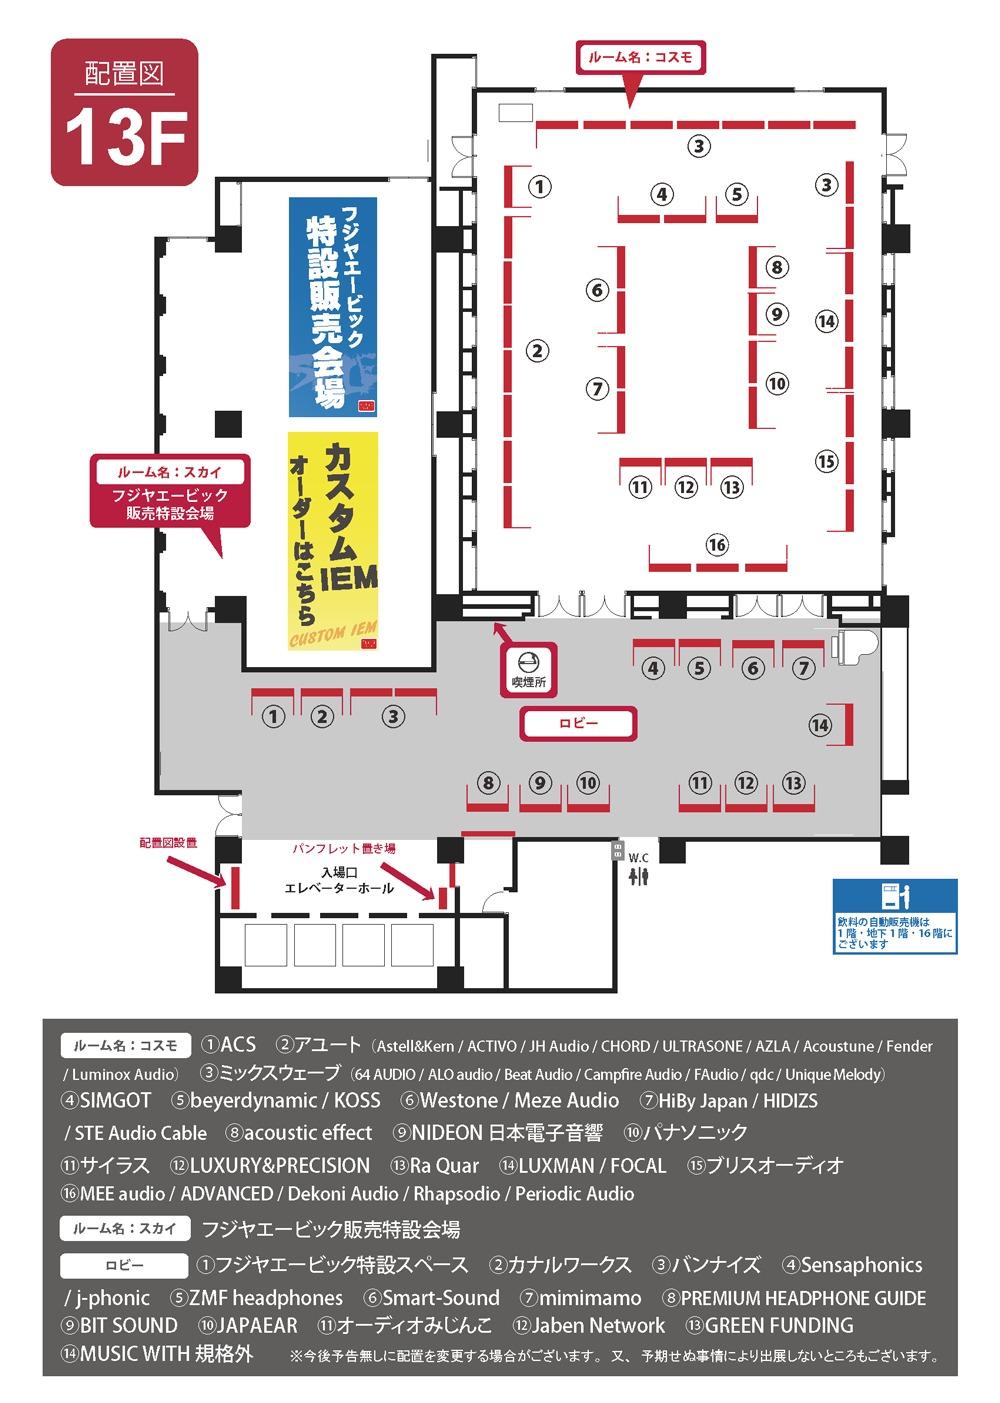 春のヘッドフォン祭 2019(TOKYO HEADPHONE FESTIVAL 2019 SPRING):13F